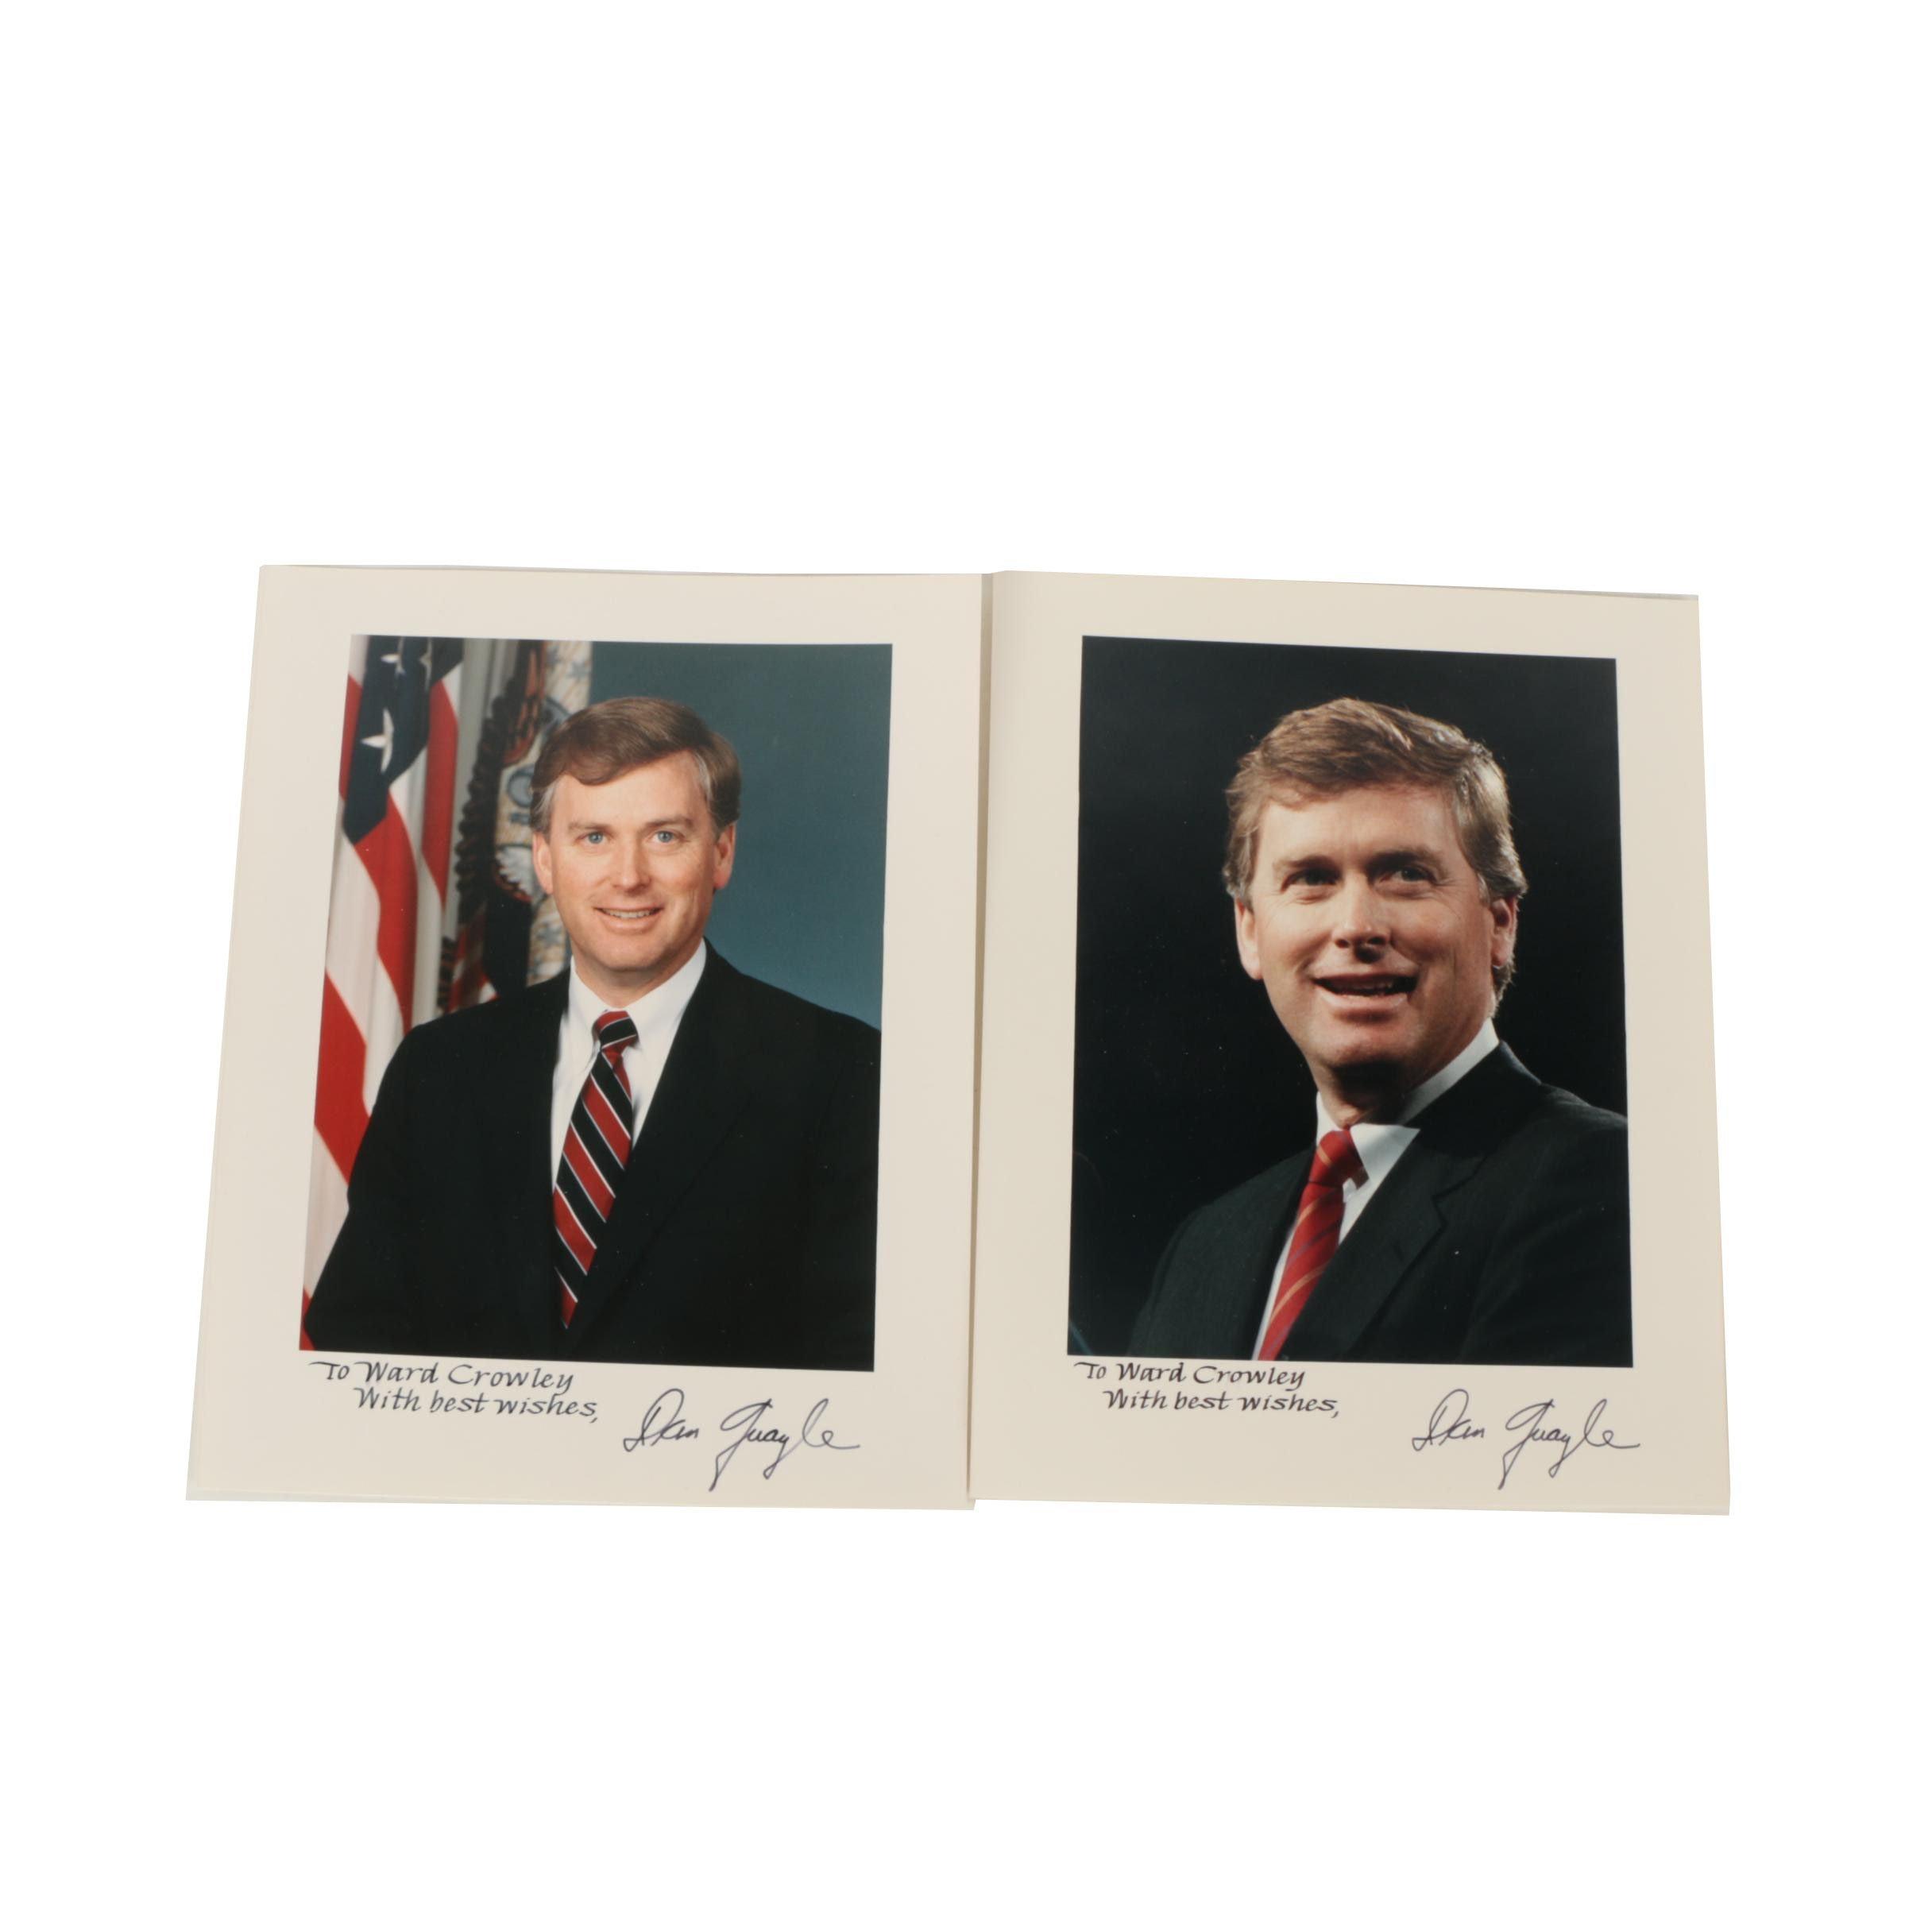 Autographed Color Photographs of Dan Quayle